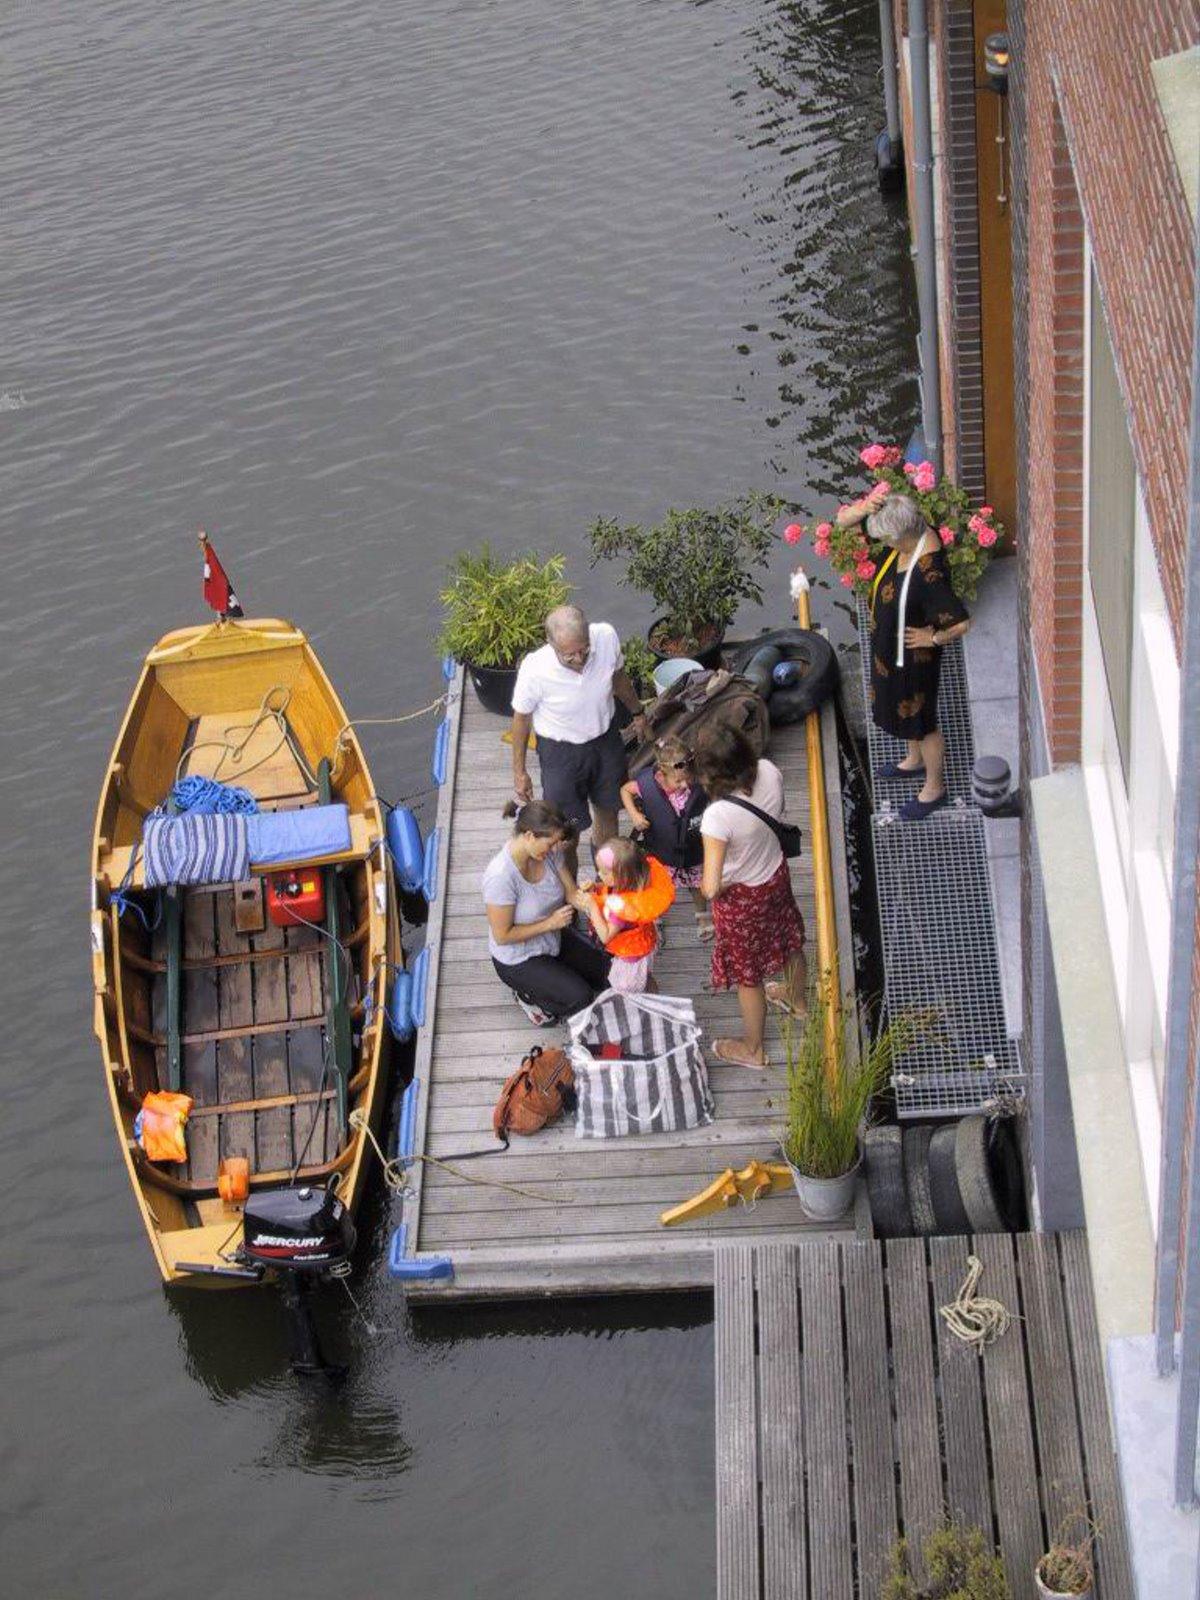 πλωτή γειτονιά Άμστερνταμ κάτοικοι μετακίνηση